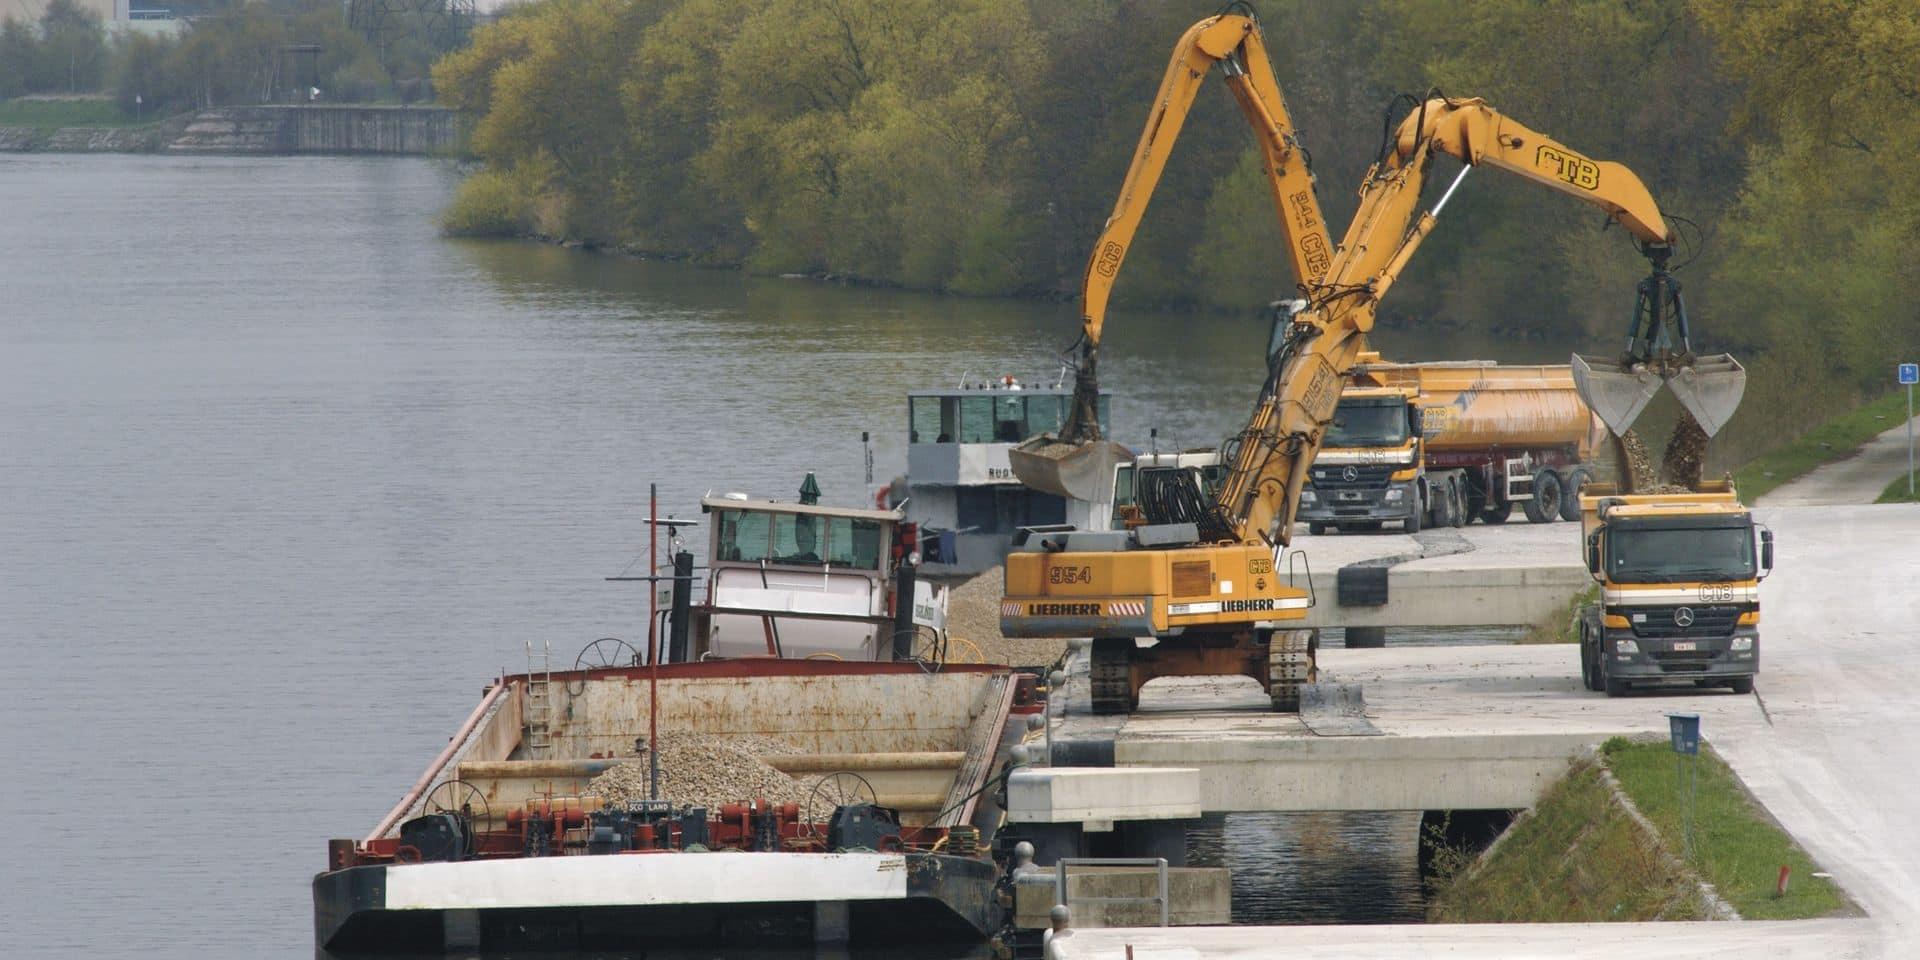 4 millions pour l'extension du port d'Hermalle-sous-Huy et la rénovation du pont métallique de jonction Meuse-Canal Albert